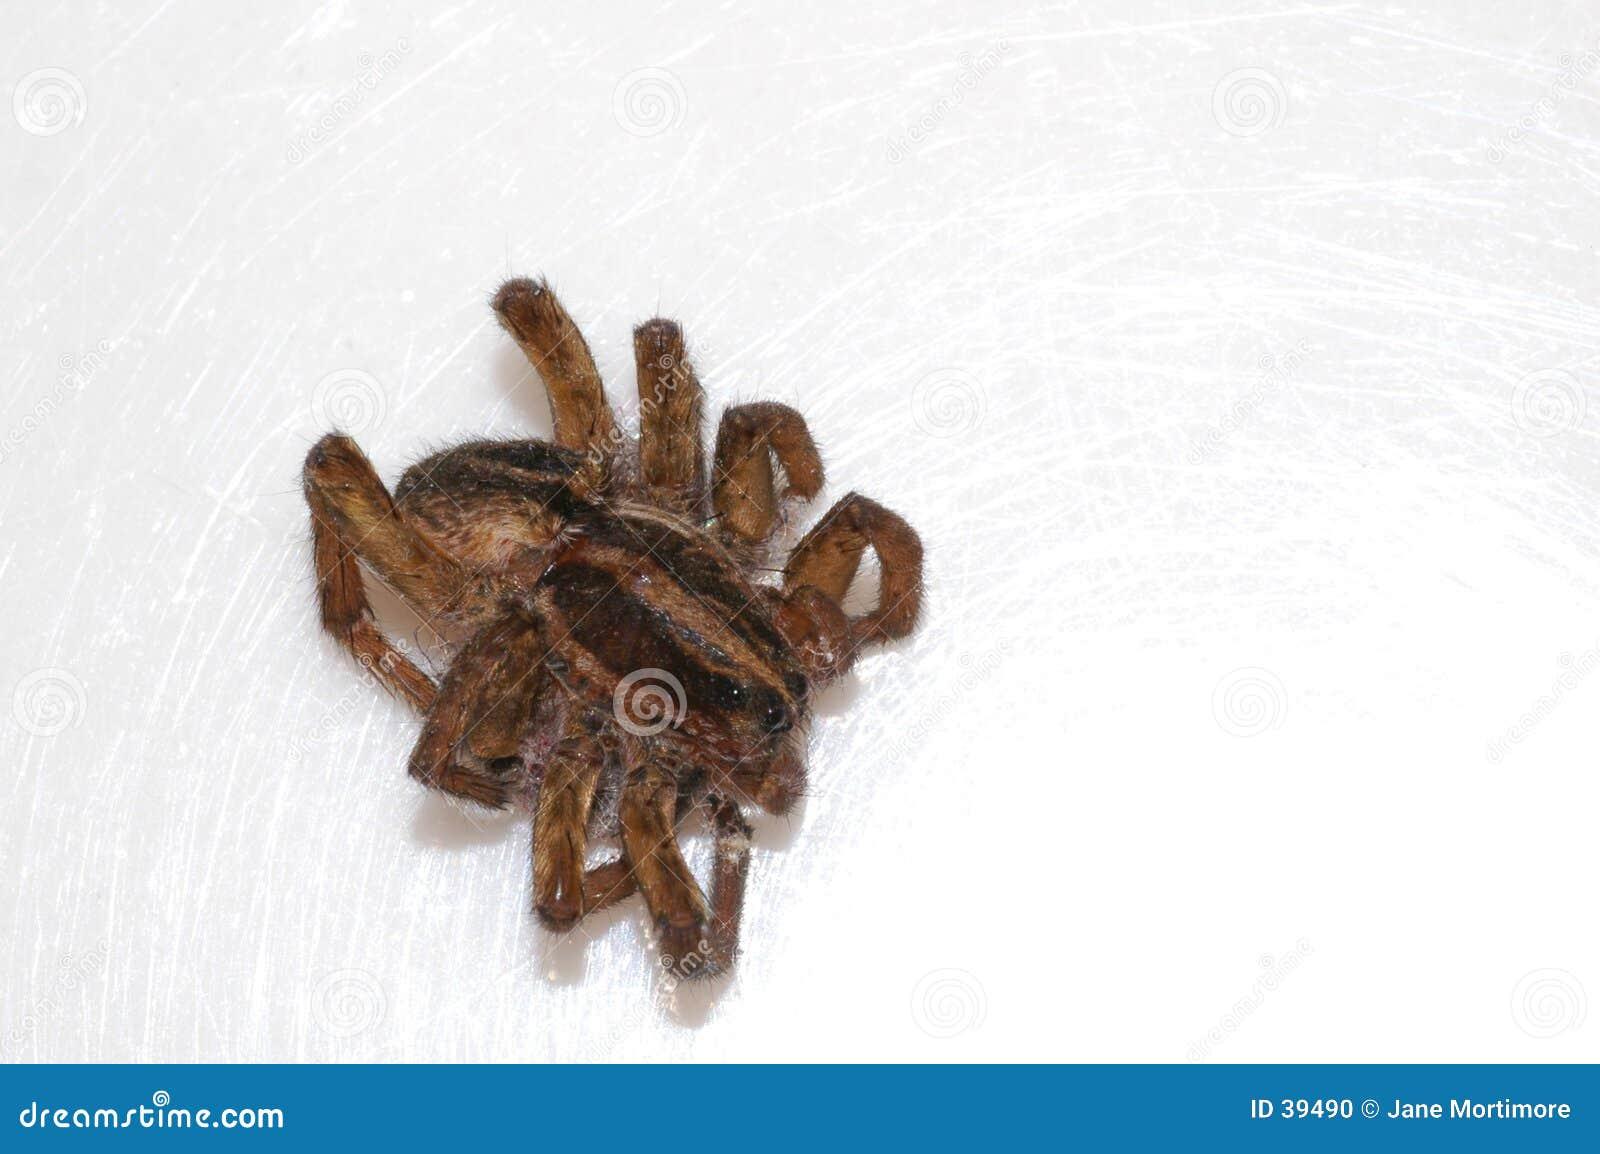 Död spindel